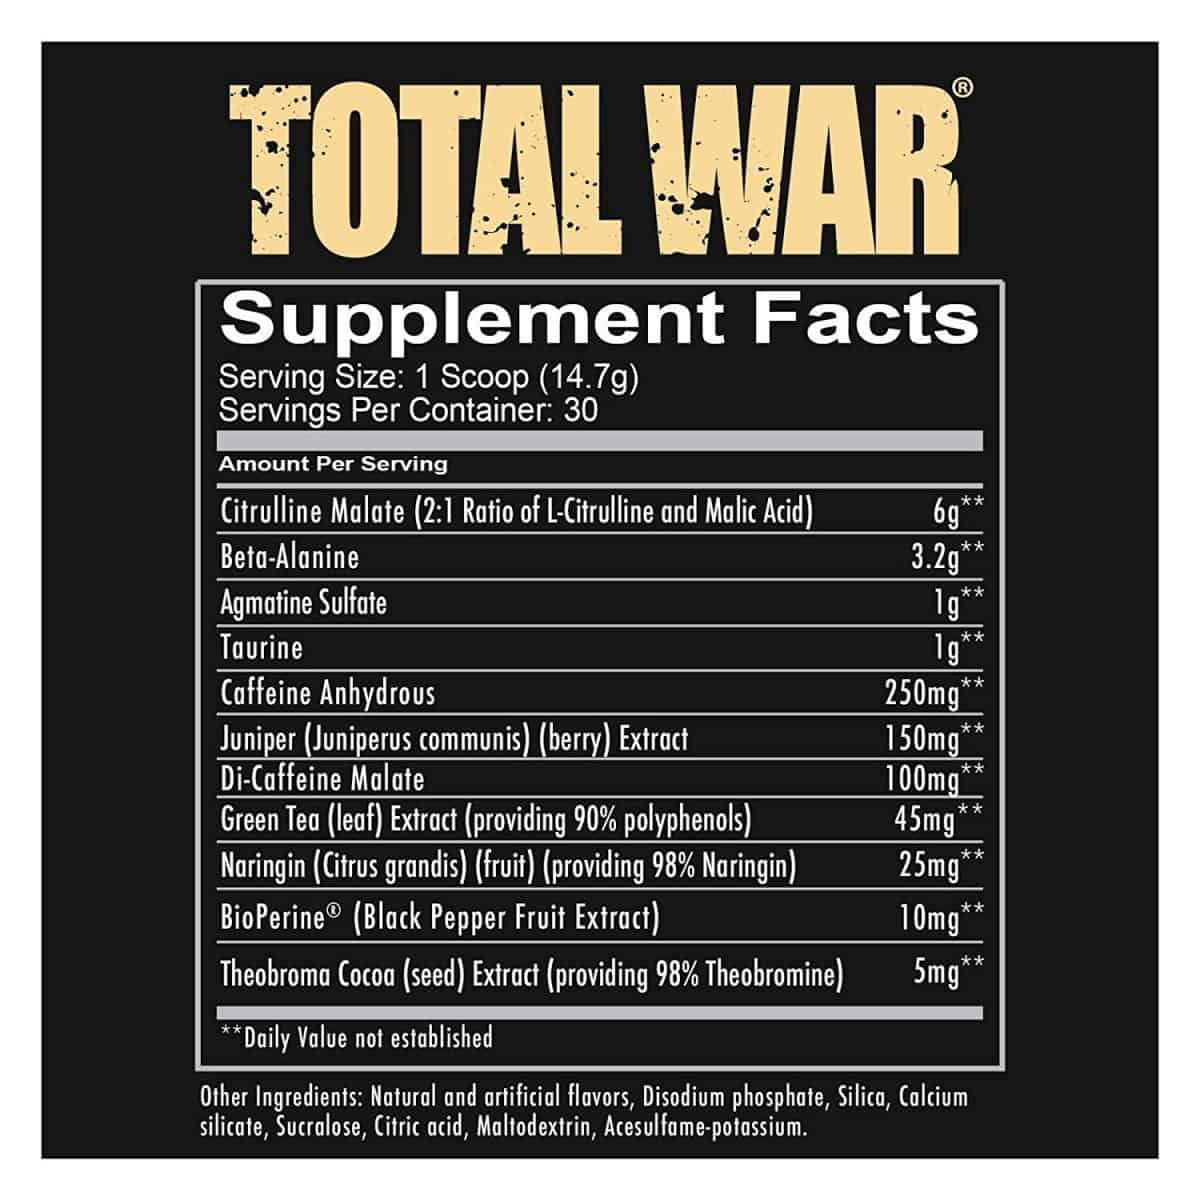 Total War Ingredients